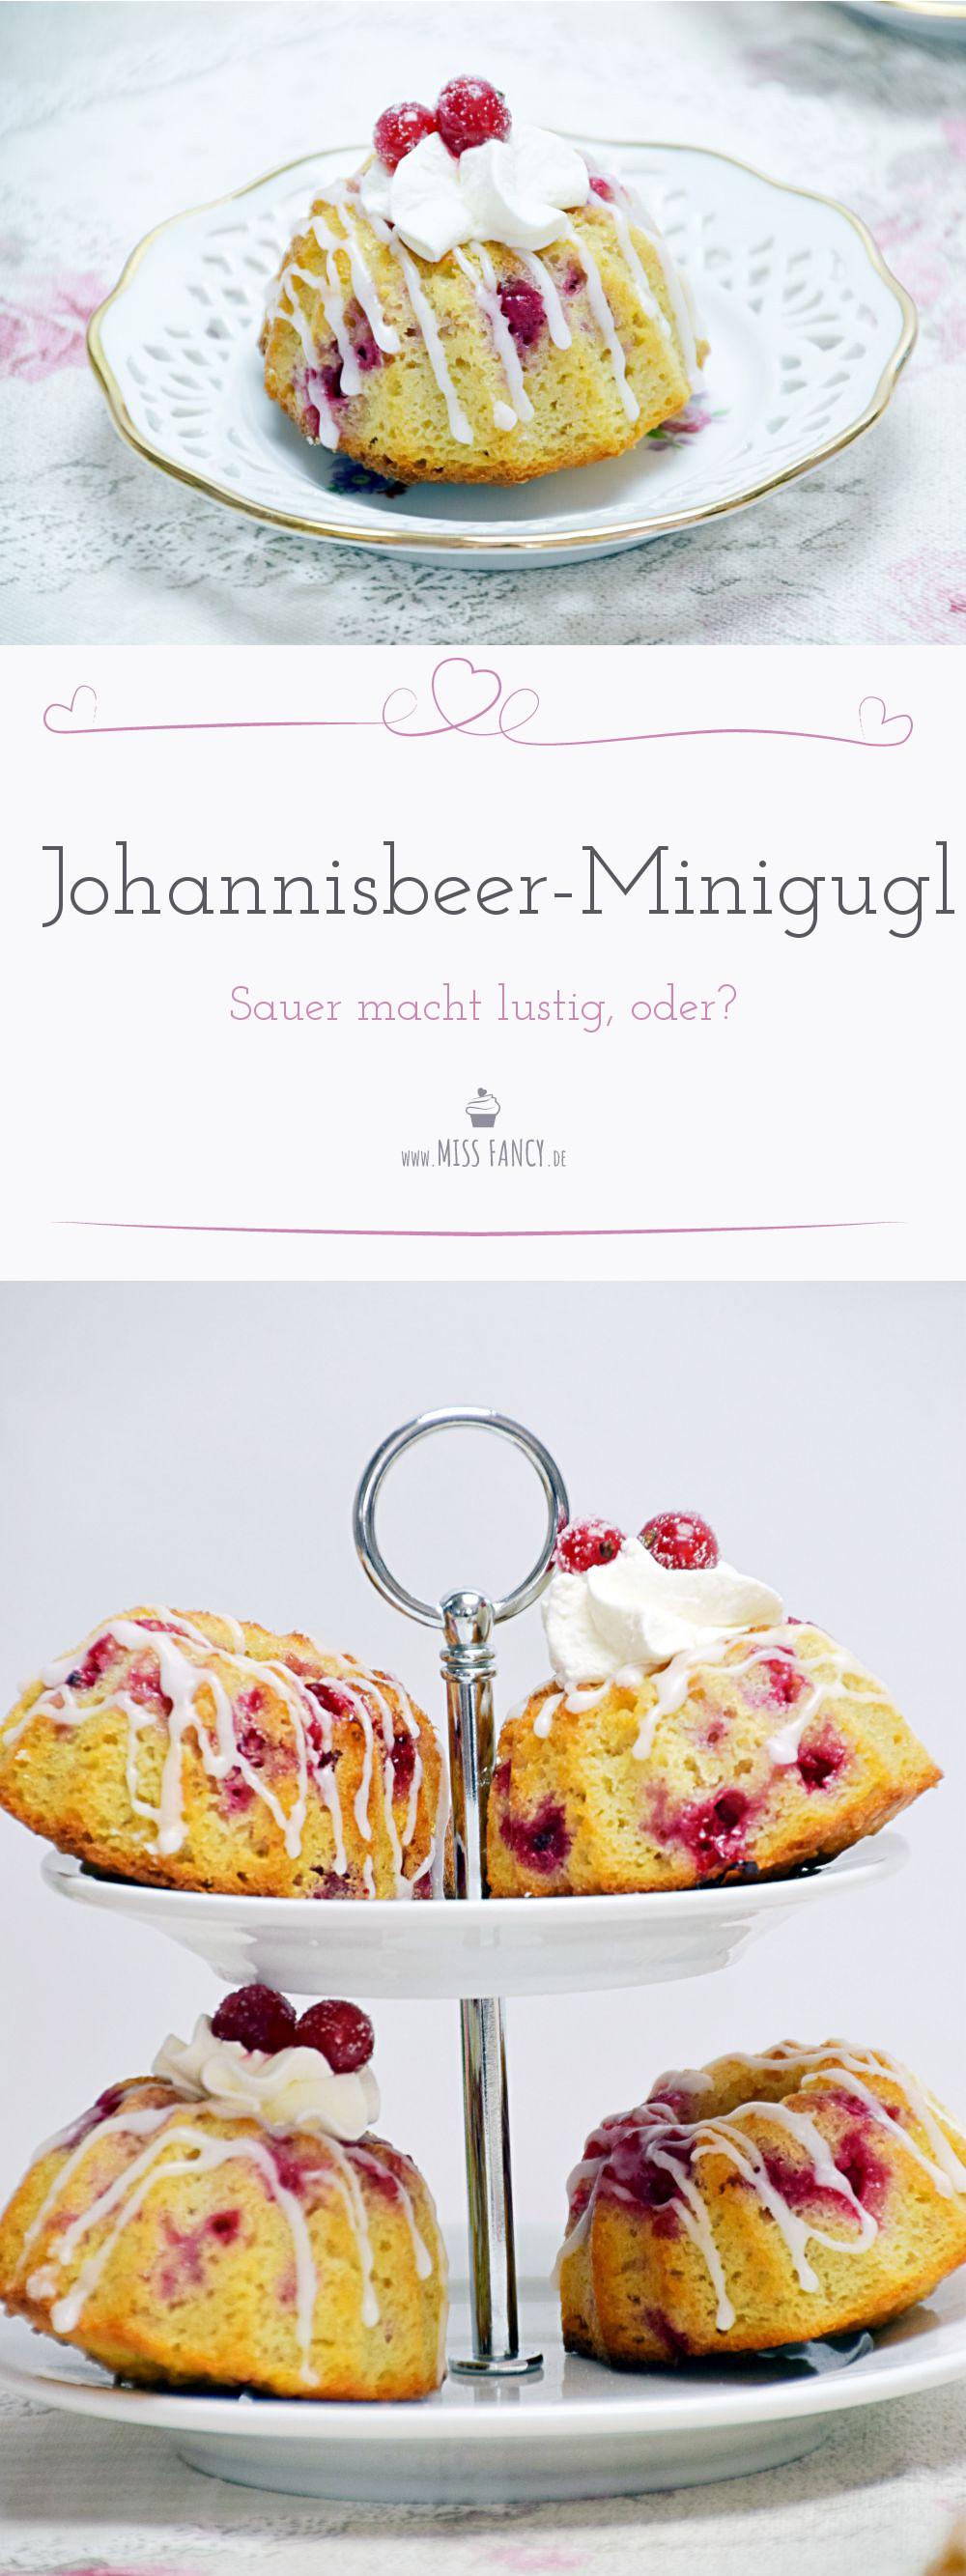 Johannisbeer-mini-gugl-rezept